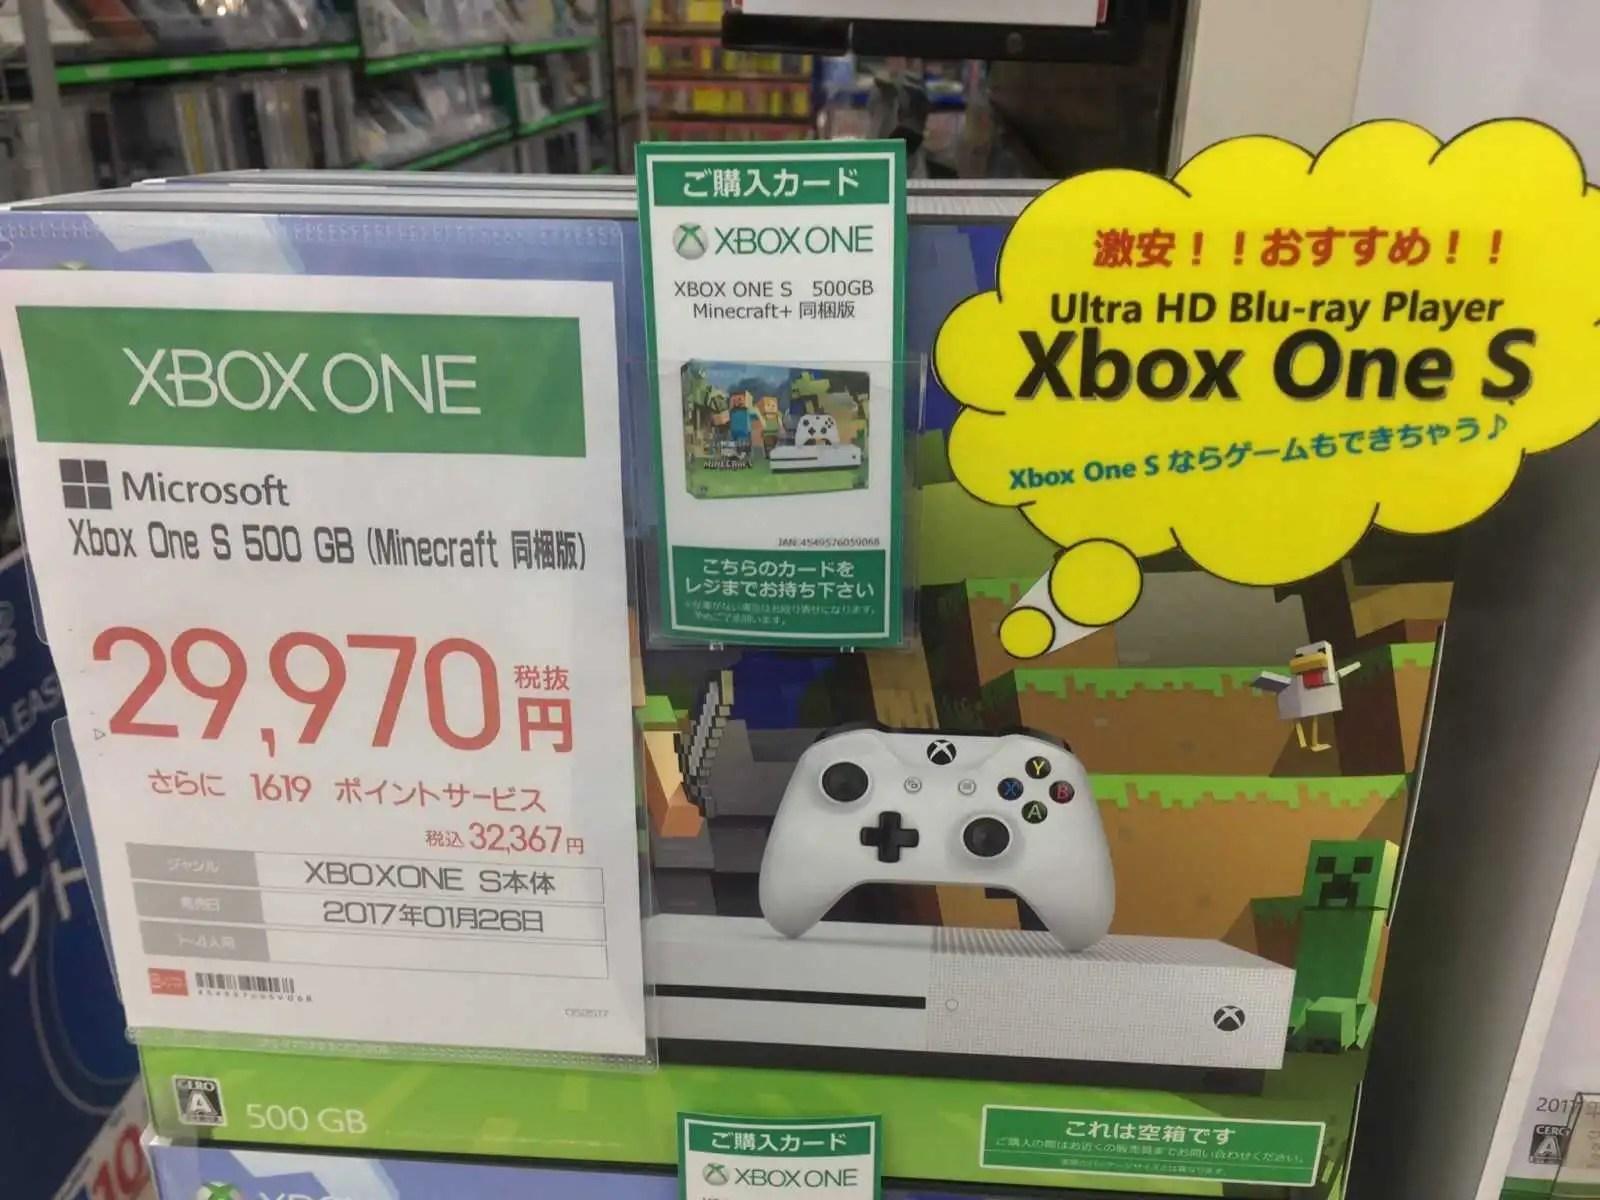 Giappone: Xbox One S venduta come lettore Blu-Ray Ultra HD